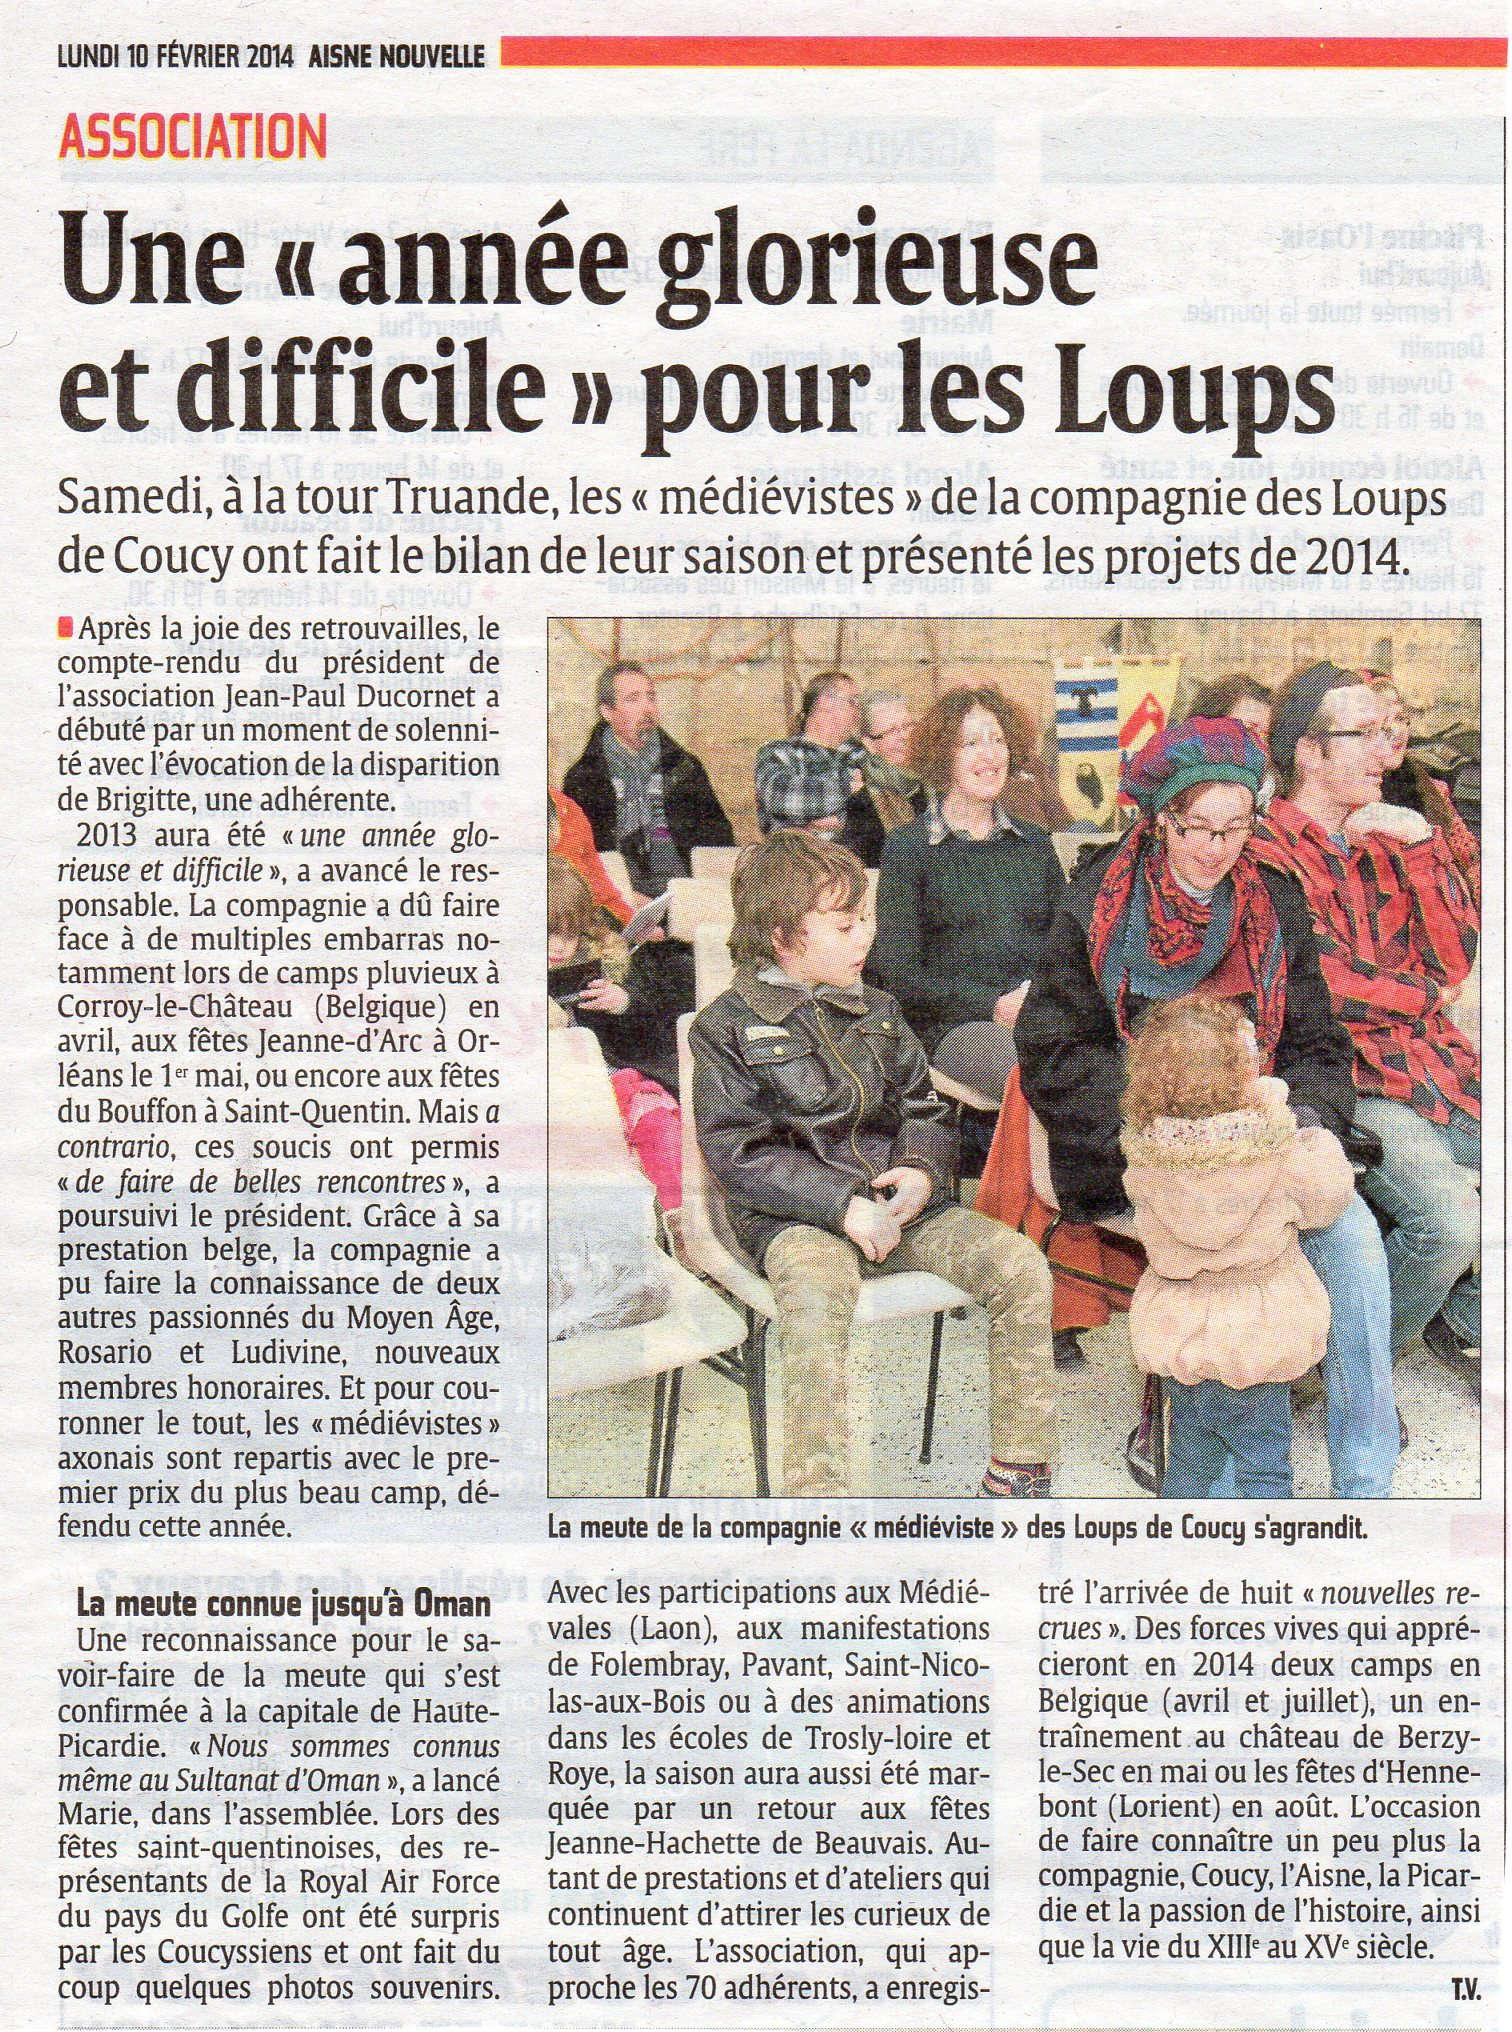 L'assemblée générale des Loups de Coucy -article de l'Aisne Nouvelle